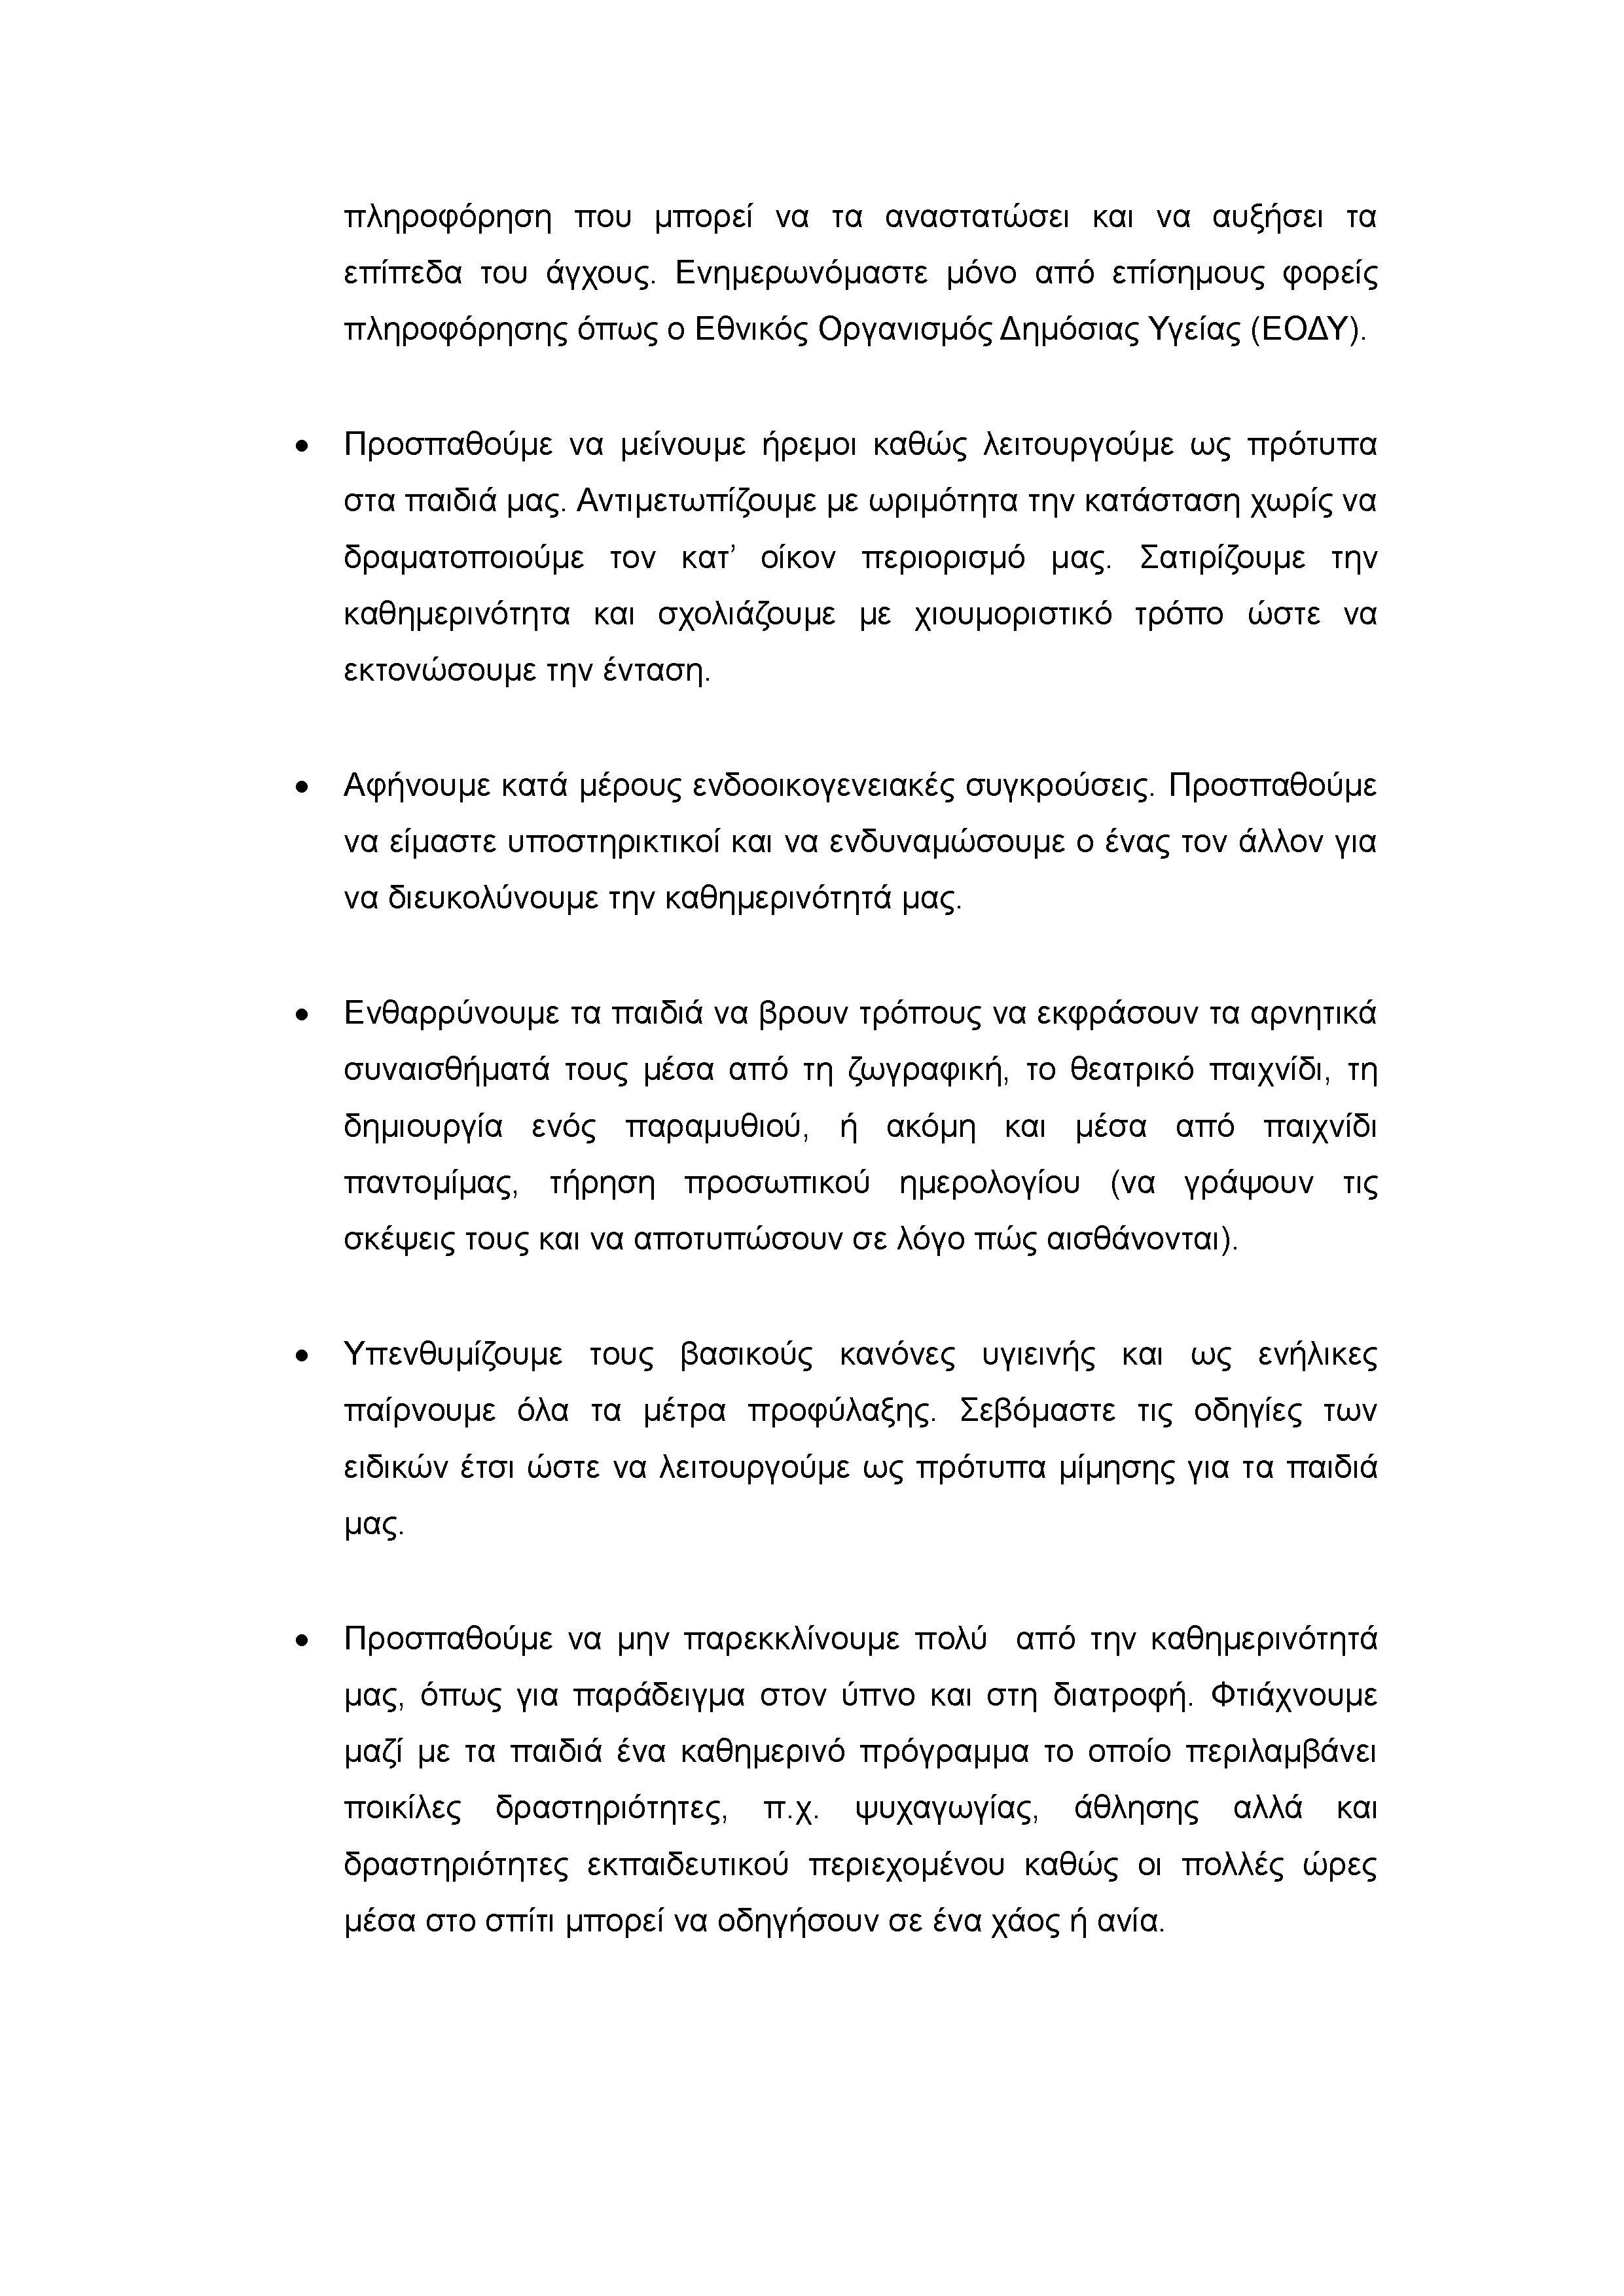 Ενδεικτικές-προτάσεις-από-το-ΚΕΣΥ-Αργολίδας-για-την-υποστήριξη-των-παιδιών-εν-μέσω-πανδημίας-COVID-19-2